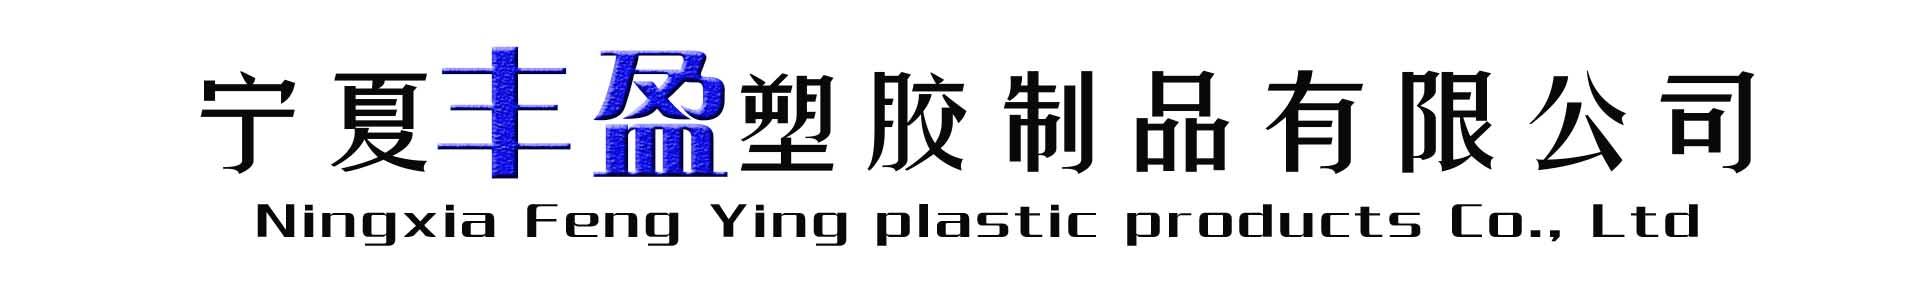 寧夏豐盈塑膠制品有限公司